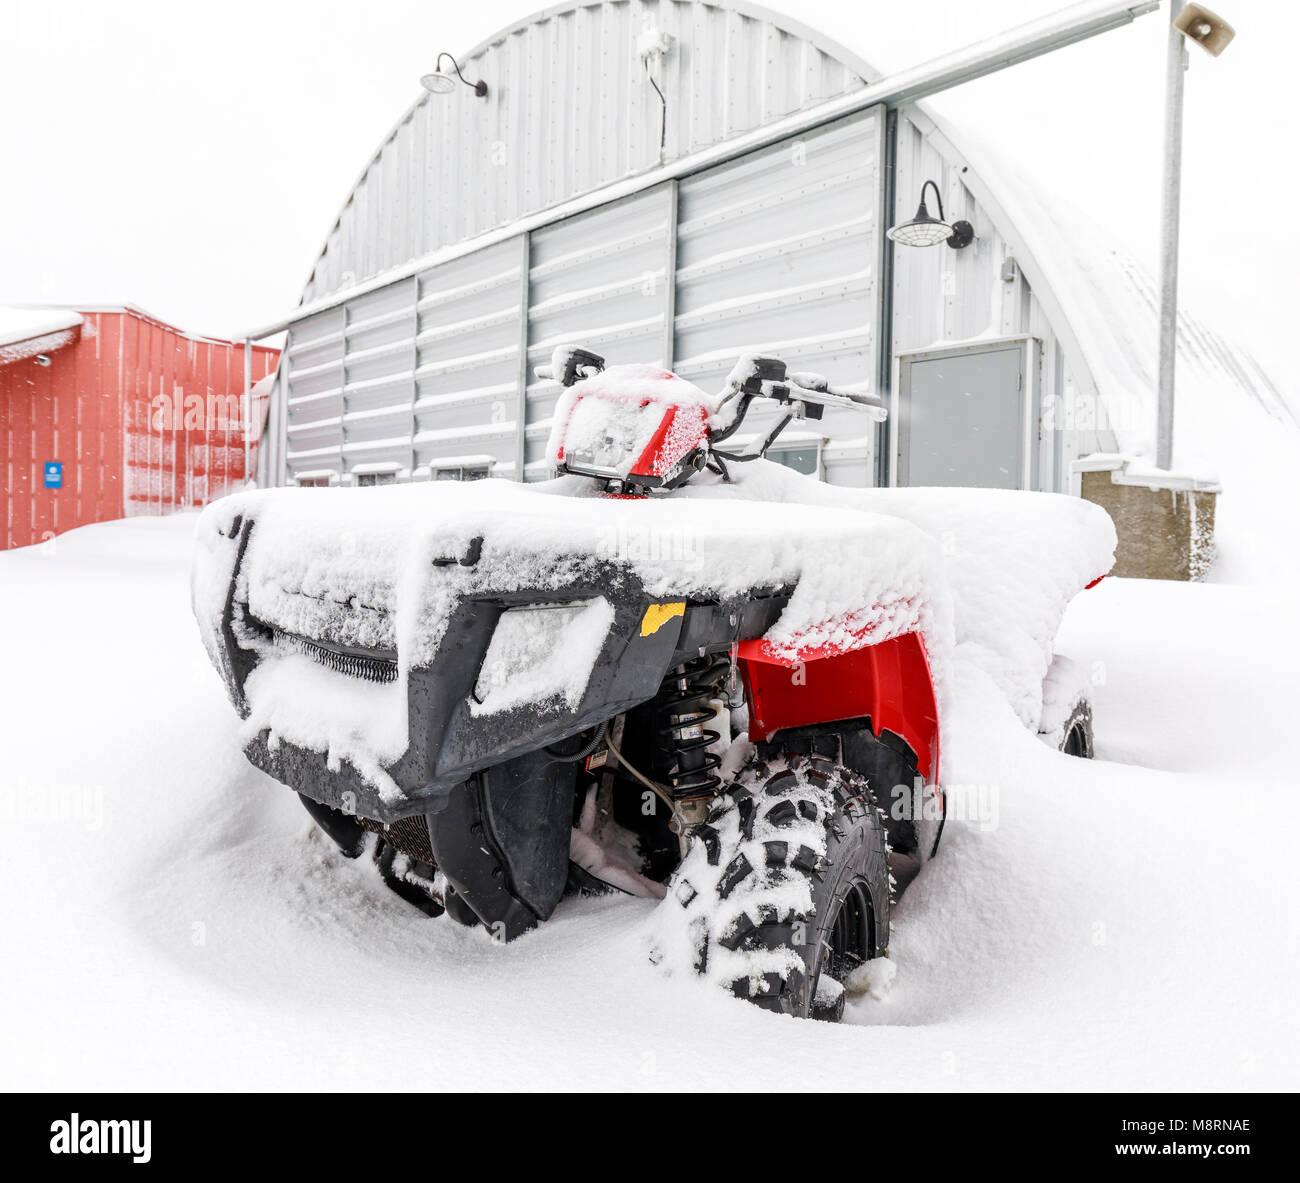 Véhicule tout-terrain, 4 roues ATV, dans la neige, au Manitoba, Canada. Photo Stock